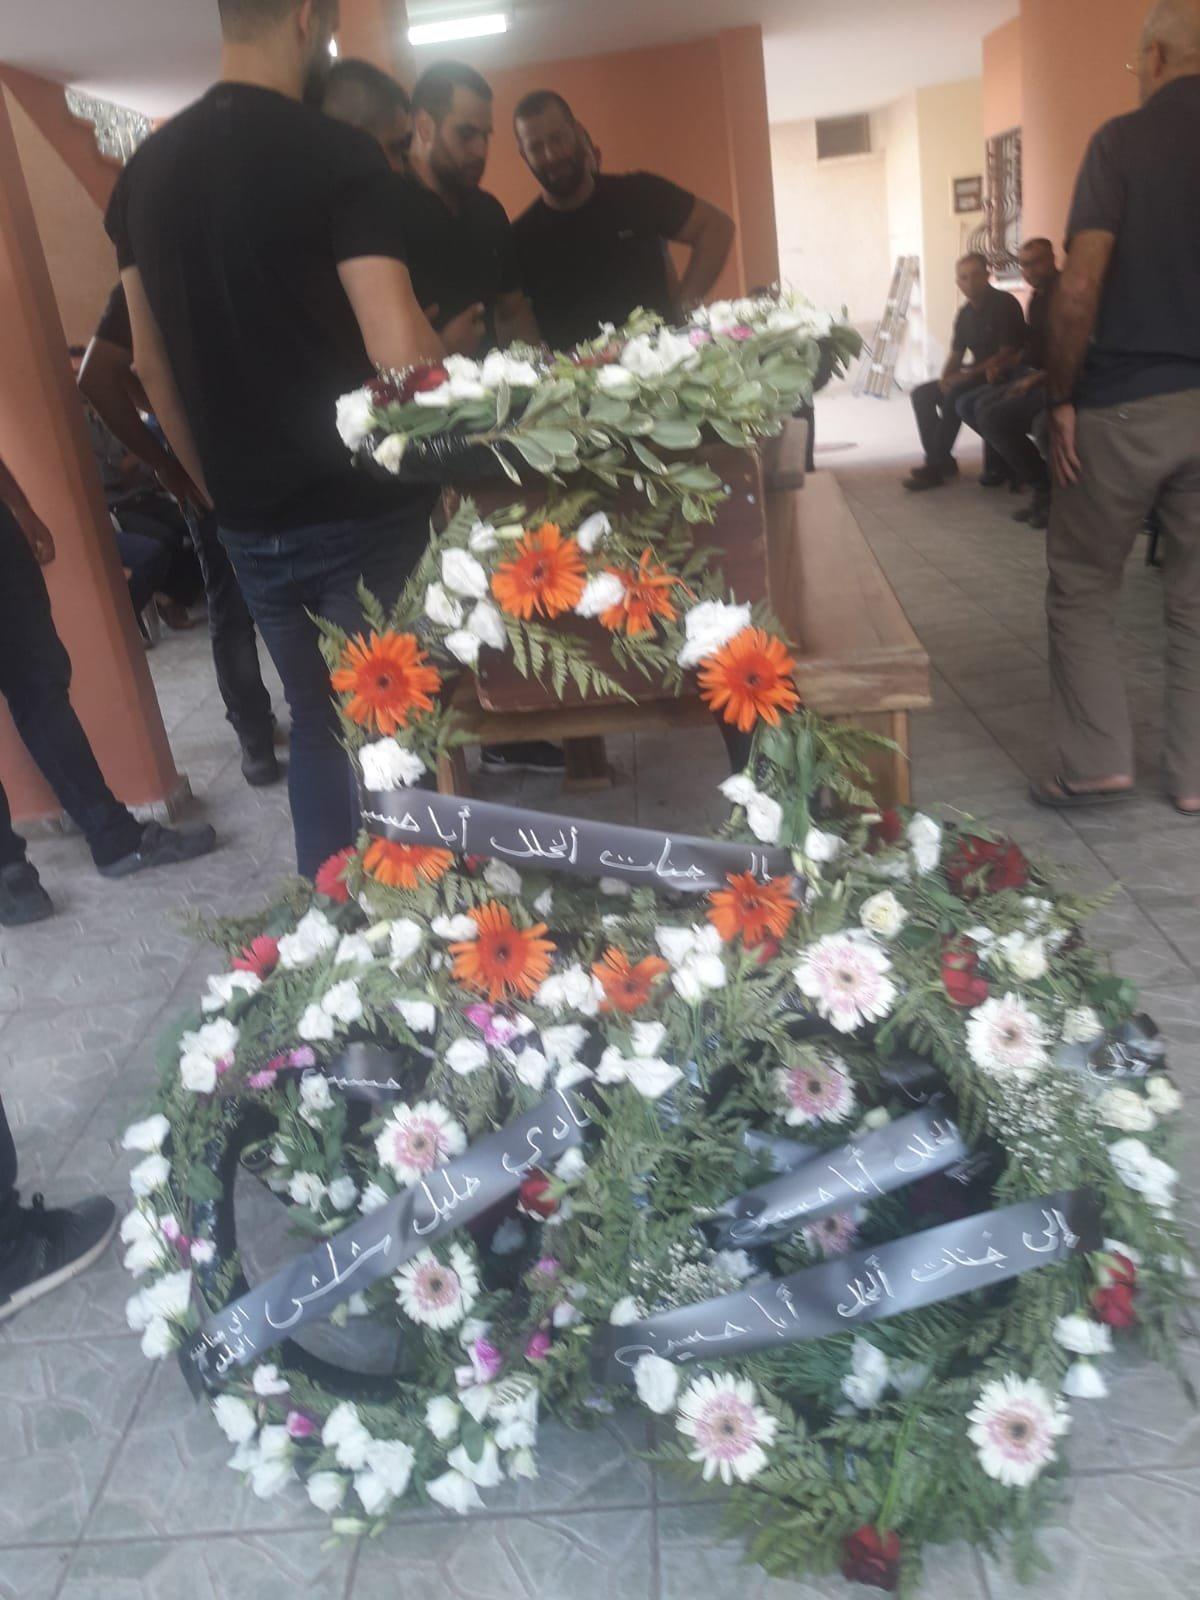 بأجواء حزينة .. عرابة تشيّع جثمان ابنها بلال دراوشة، ضحية حادث الطرق بهنغاريا